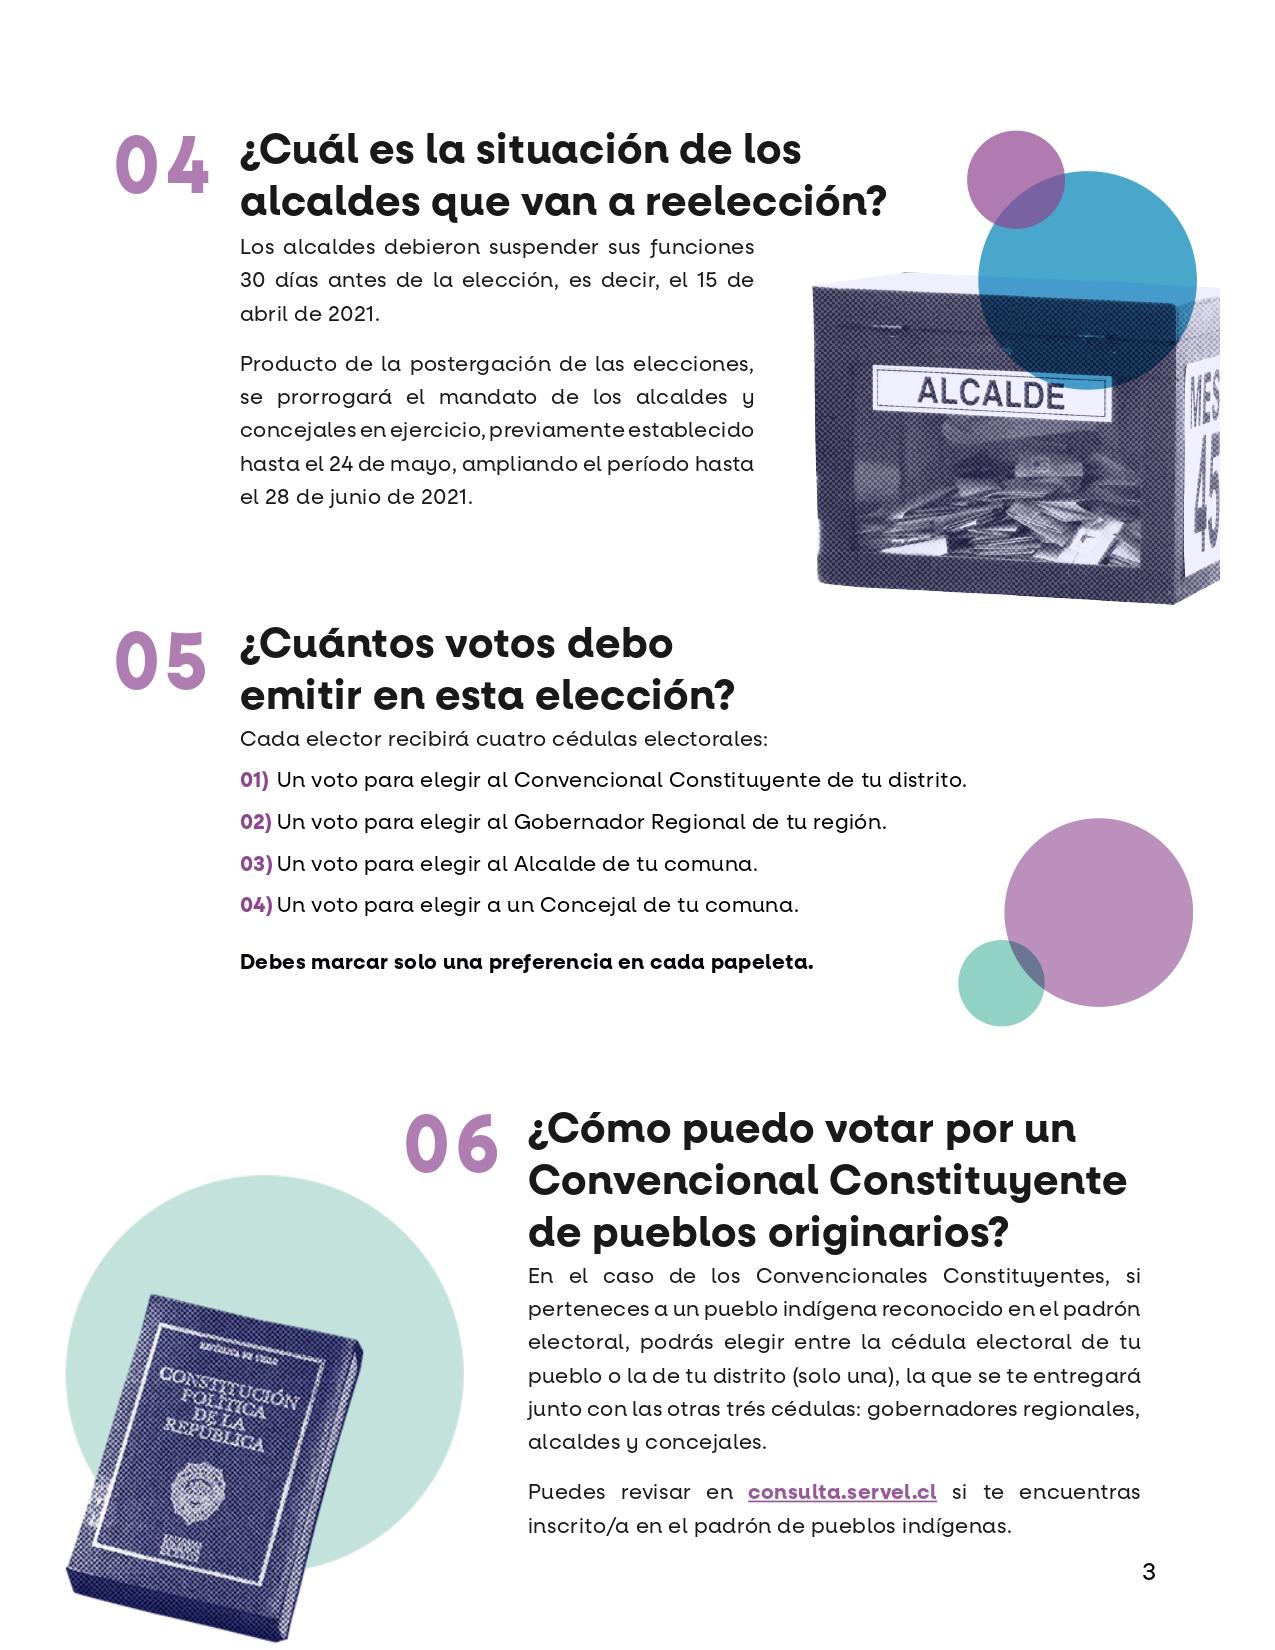 210506 Guía elección 15 y 16 mayo v3_page-0003